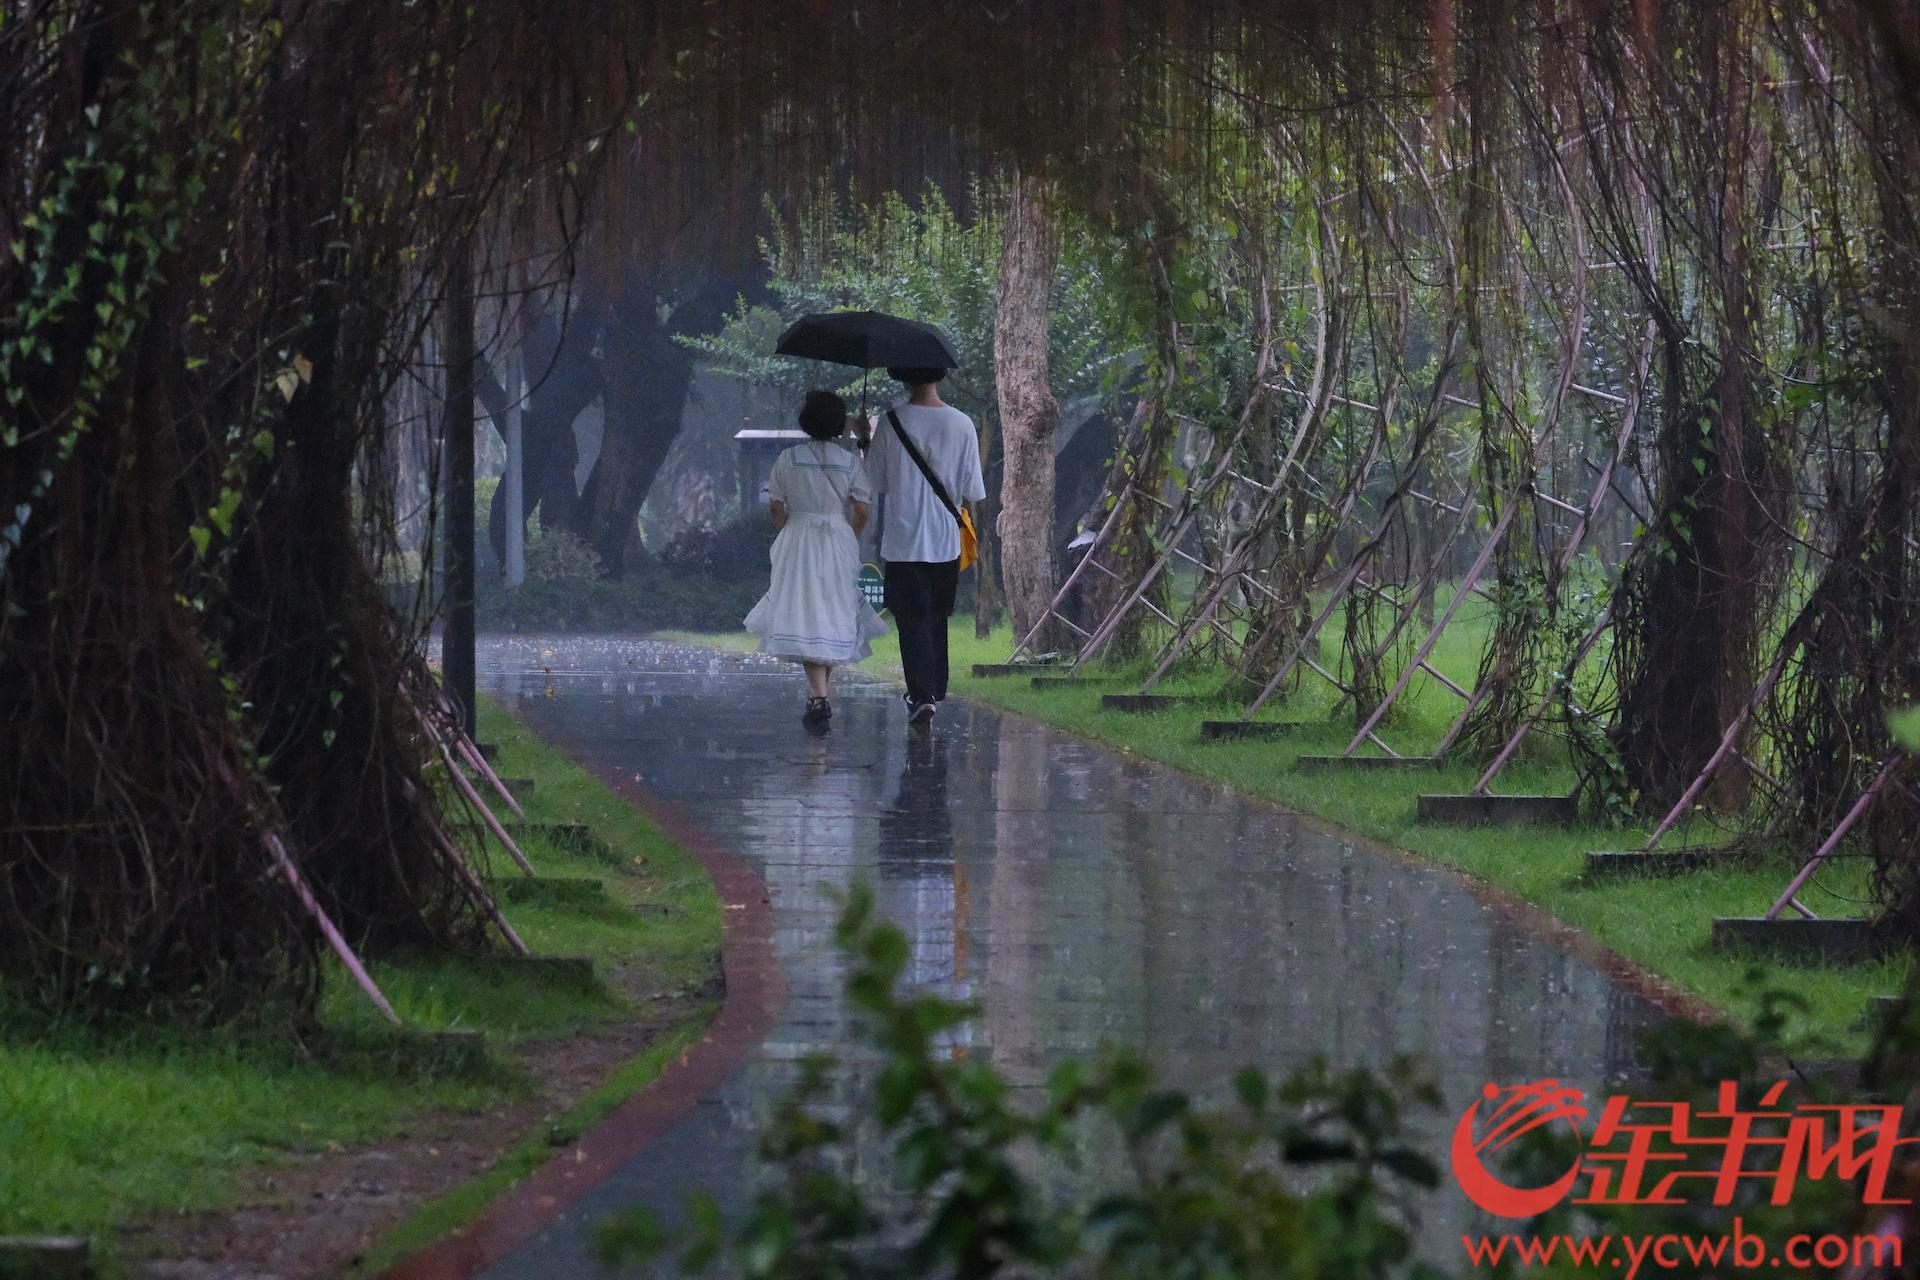 """立夏是夏季的第一个节气,其实广州的气温早早入夏了。 公园荷塘里一张张如翡翠的大绿盘开始长开,细心观察还能发现零星的""""小荷才露尖尖角"""",雨露下更加娇艳。 今年立夏刚好遇上五一假期,尽管雨水不时光顾,时晴时雨,但丝毫没有影响街坊们放假休闲的好心情。 景点依然很受欢迎,大排长龙,烈日也好,大雨也好,说好了进去打卡就""""一往无前""""。 雨伞的作用很""""强大"""",顶烈日,挡大雨,最重要的是情侣们造浪漫的""""法宝""""。 孩童们更是雀跃玩耍,不管风雨不管晴。 逛街的美女更是精心打扮,街头就是她们的时装秀场,为老城增添时尚活力。 漫步广州老城街头,包融、和谐独特的韵味,为老广街坊挚爱,也深深吸引着到访的""""新""""街坊们,他们面上的笑容就是最好的""""小红花""""。 羊城晚报全媒体记者 陈秋明 摄"""